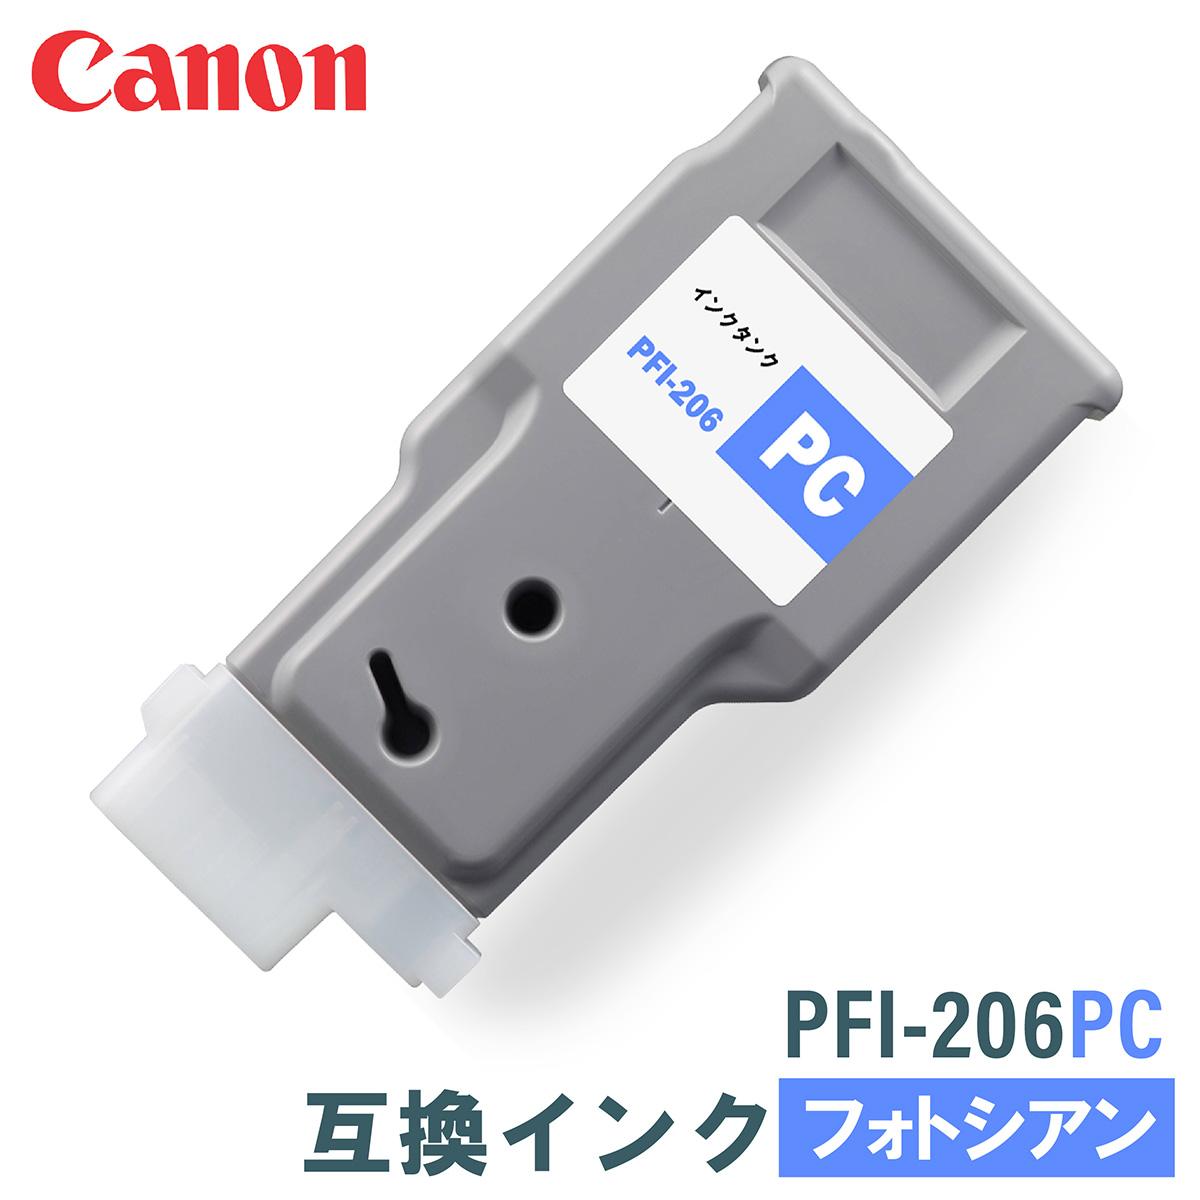 キヤノン 互換インク CANON PFI-206PC フォトシアン 300ml